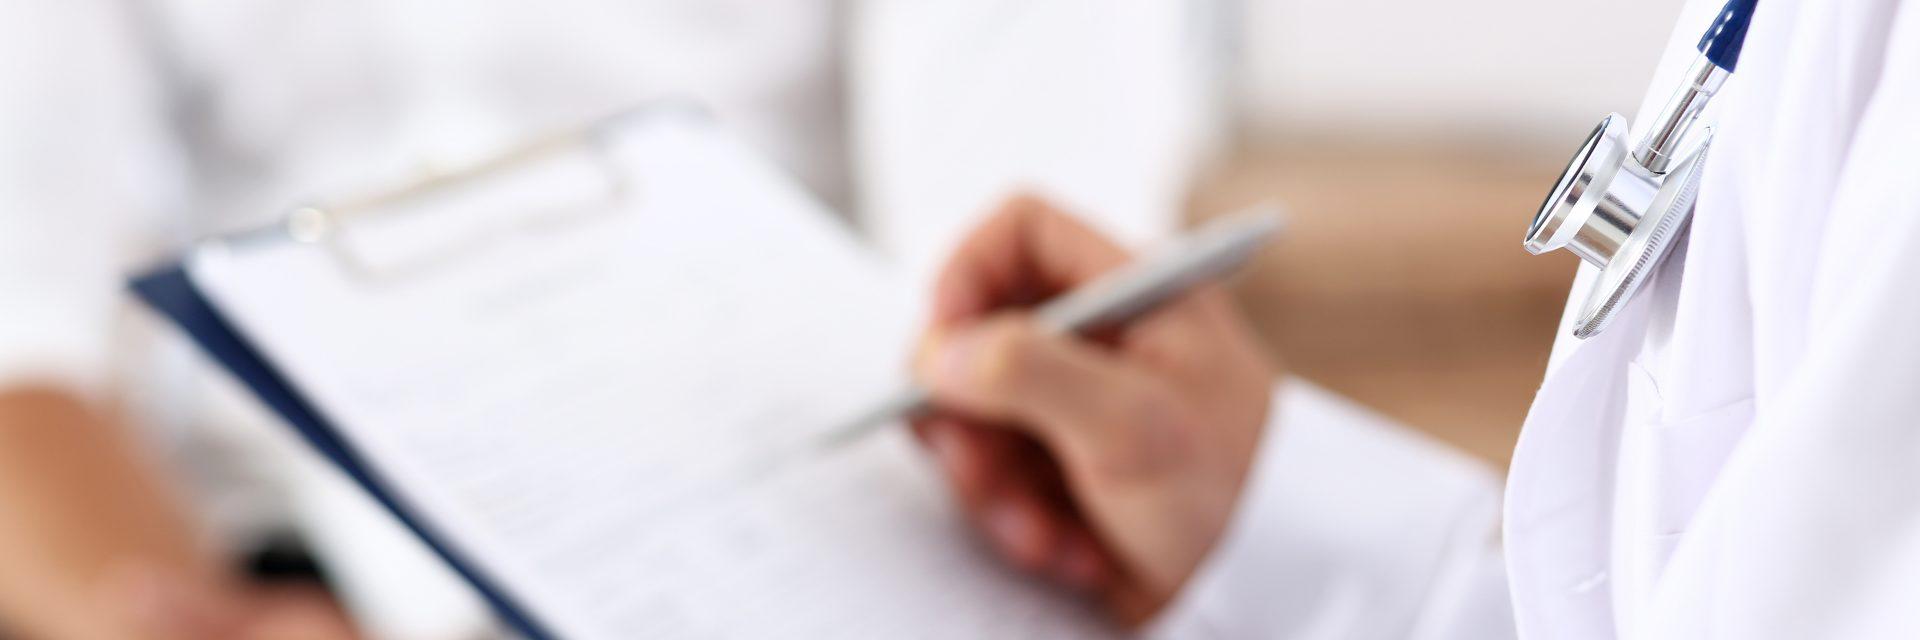 exames e diagnósticos por imagem